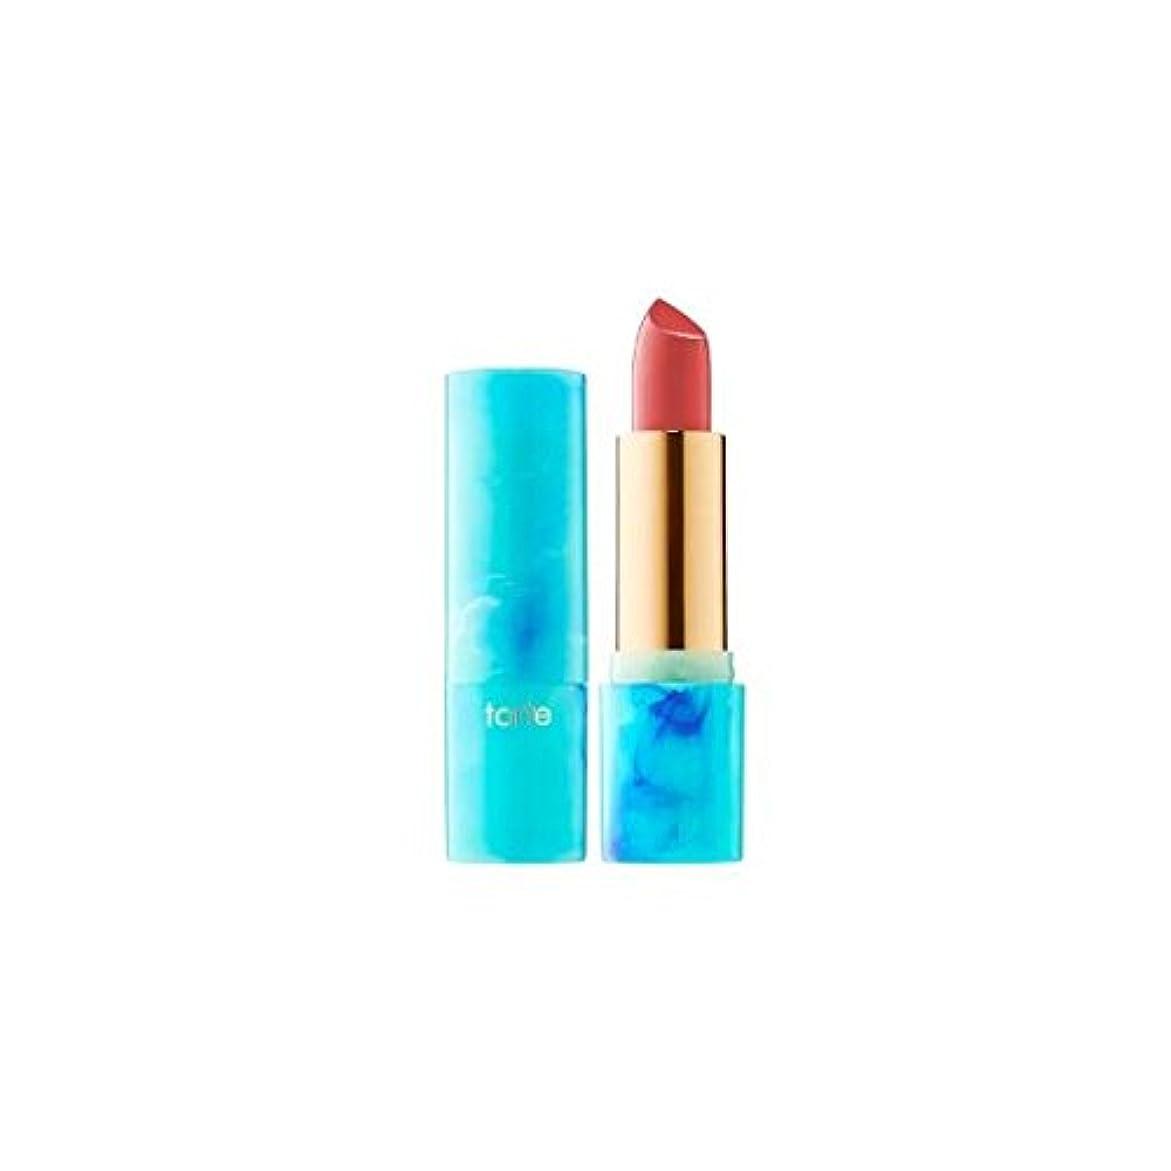 ドアミラー保証する掻くtarteタルト リップ Color Splash Lipstick - Rainforest of the Sea Collection Satin finish